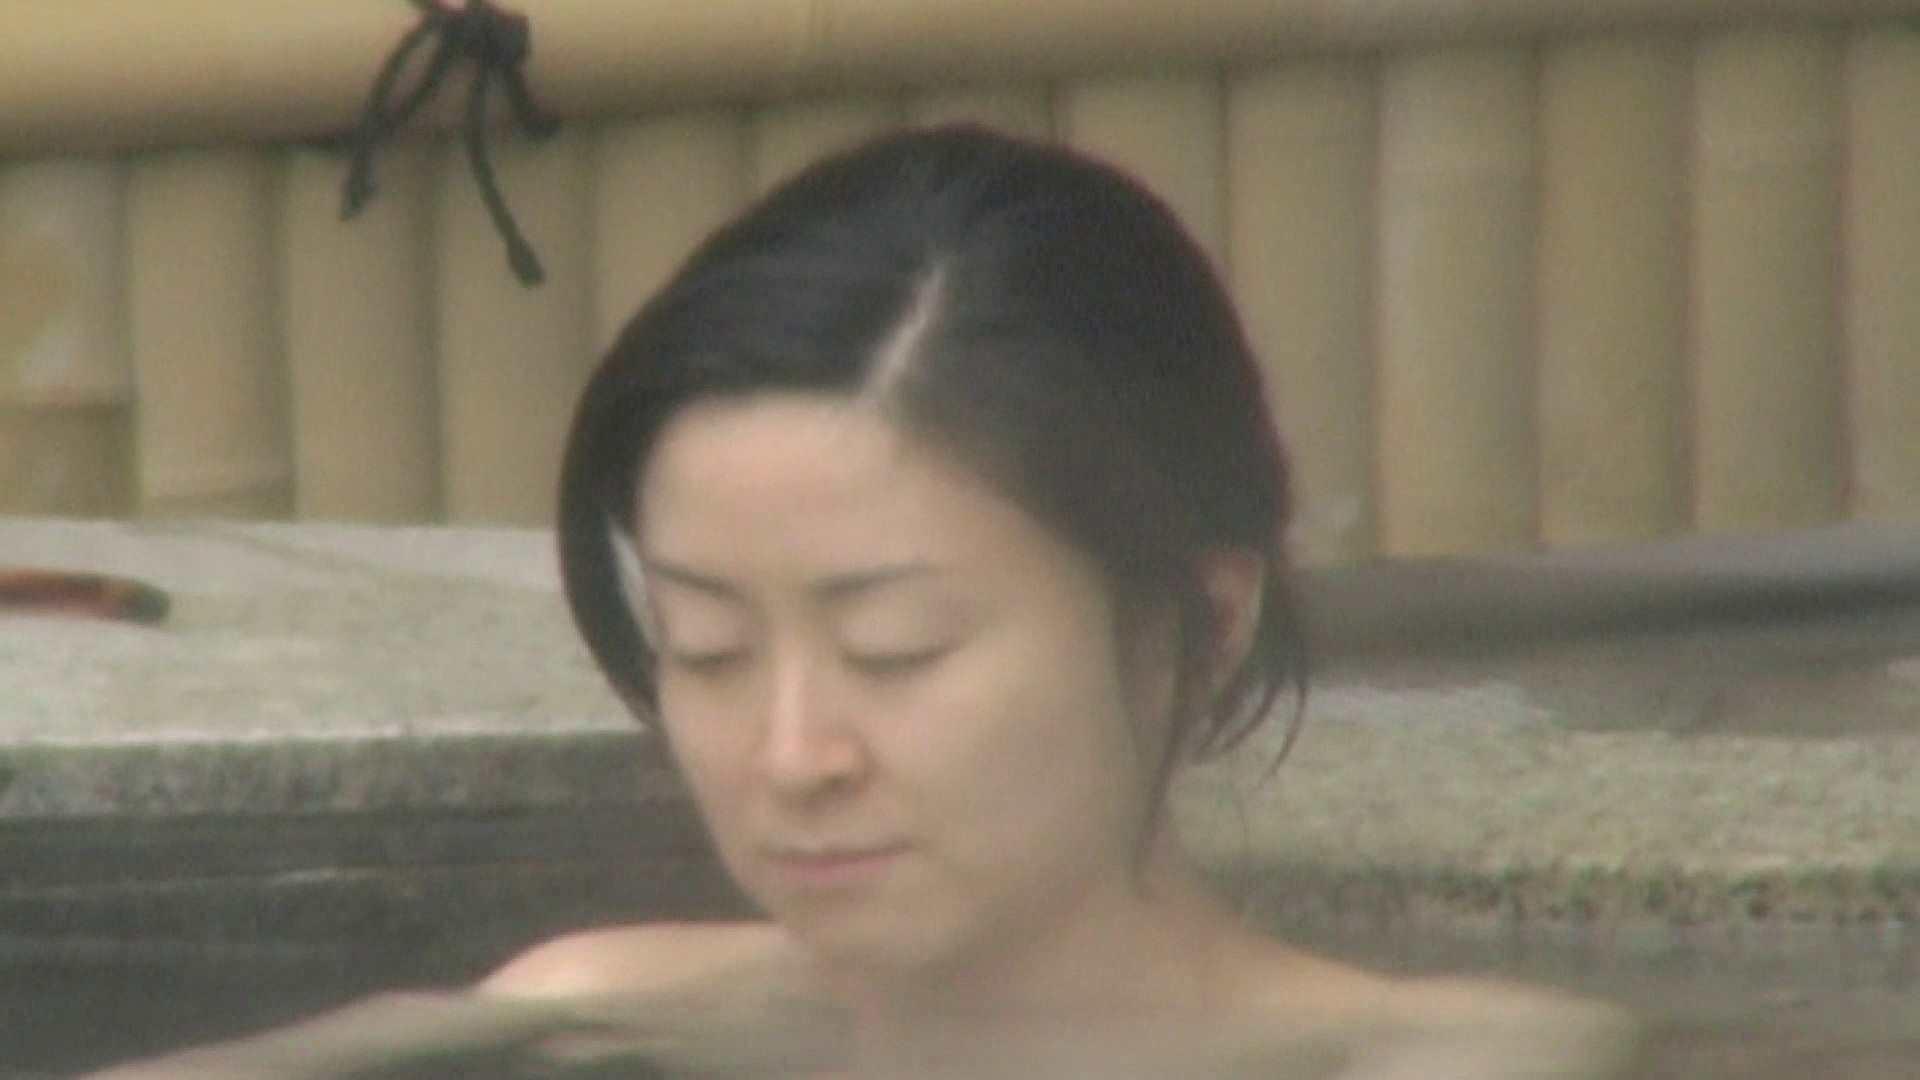 Aquaな露天風呂Vol.548 露天   盗撮  56pic 19